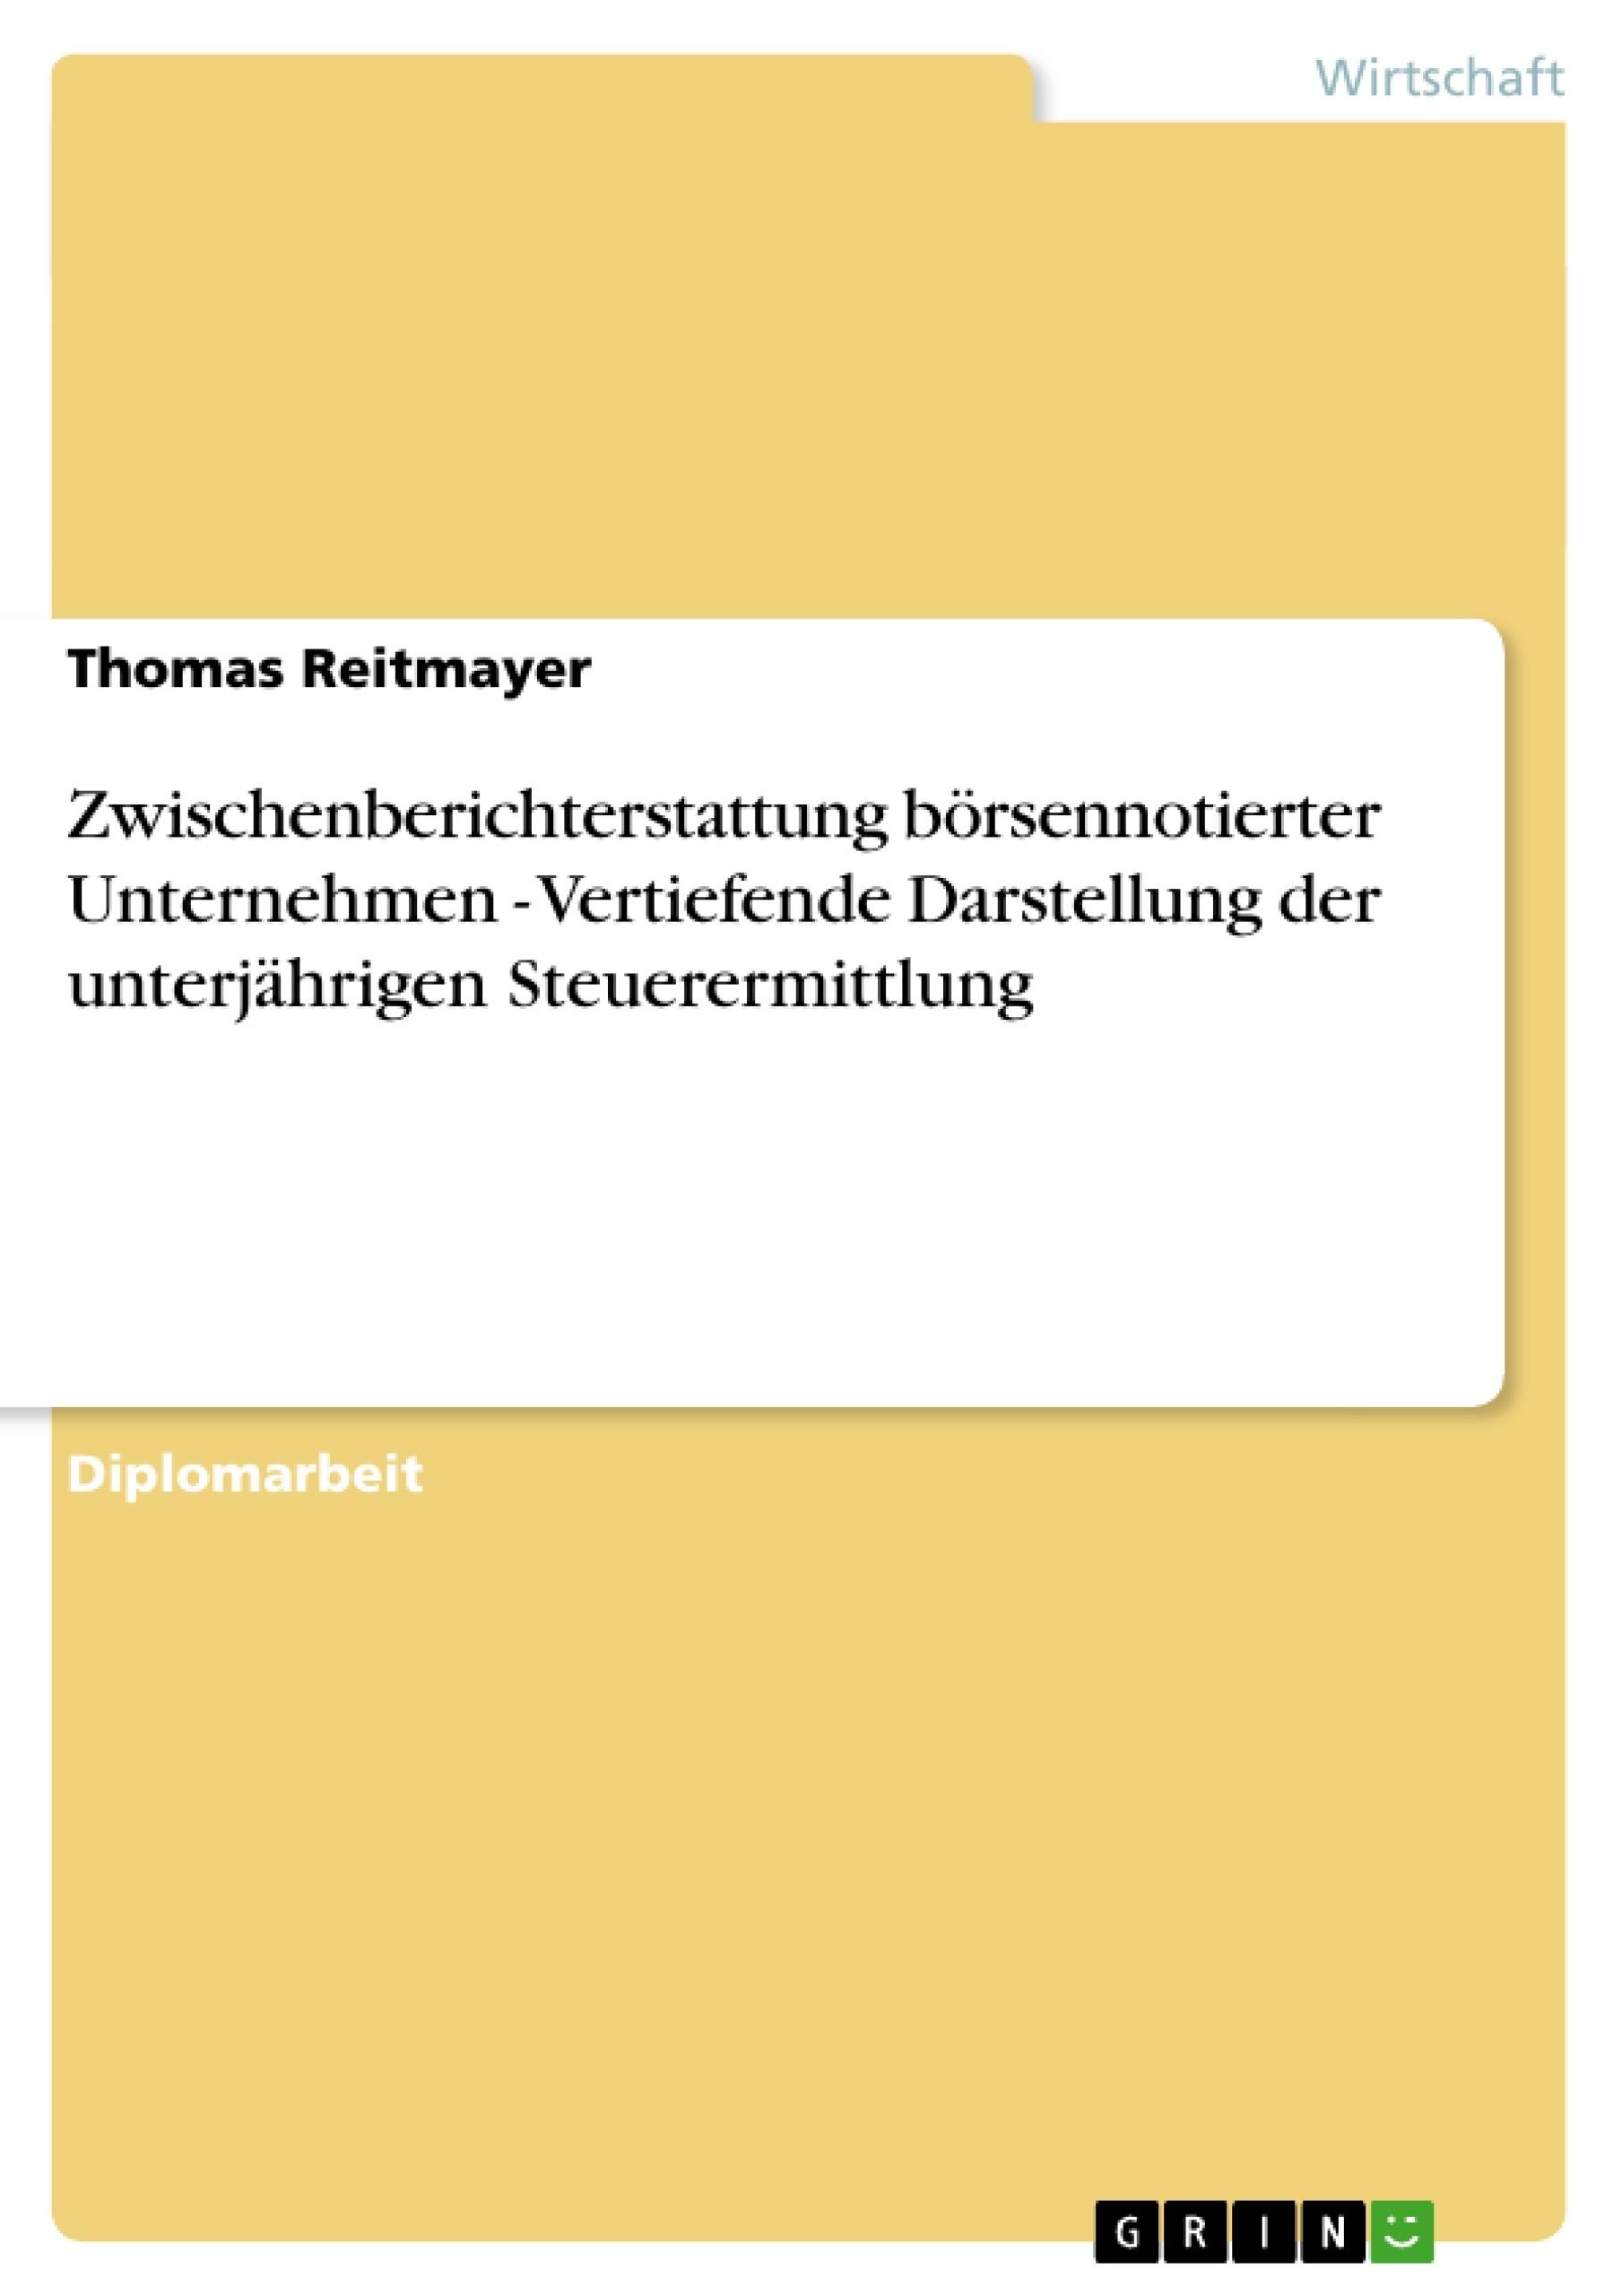 Titel: Zwischenberichterstattung börsennotierter Unternehmen - Vertiefende Darstellung der unterjährigen Steuerermittlung